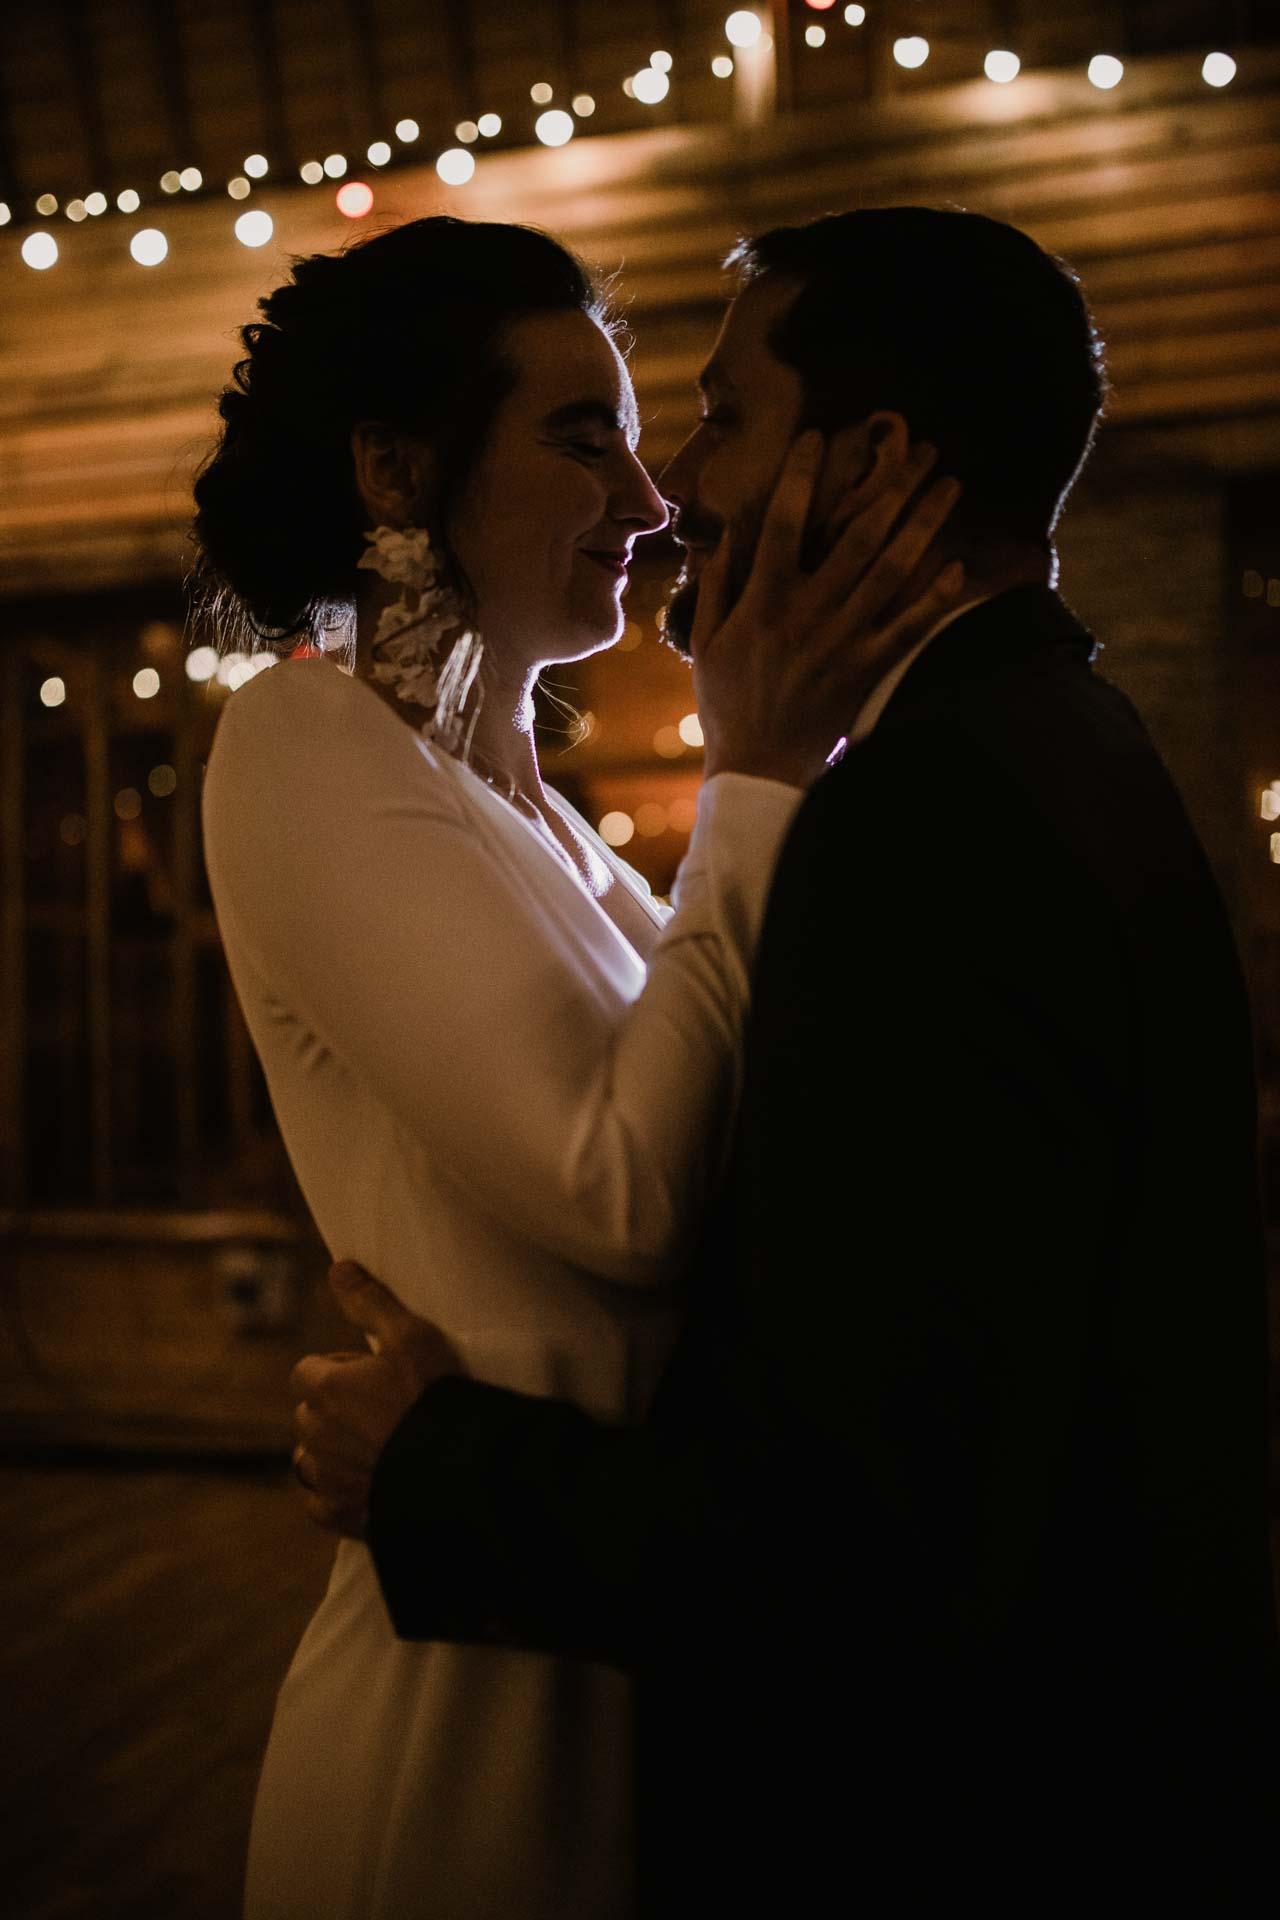 mariage morbihan hivernal amour maries